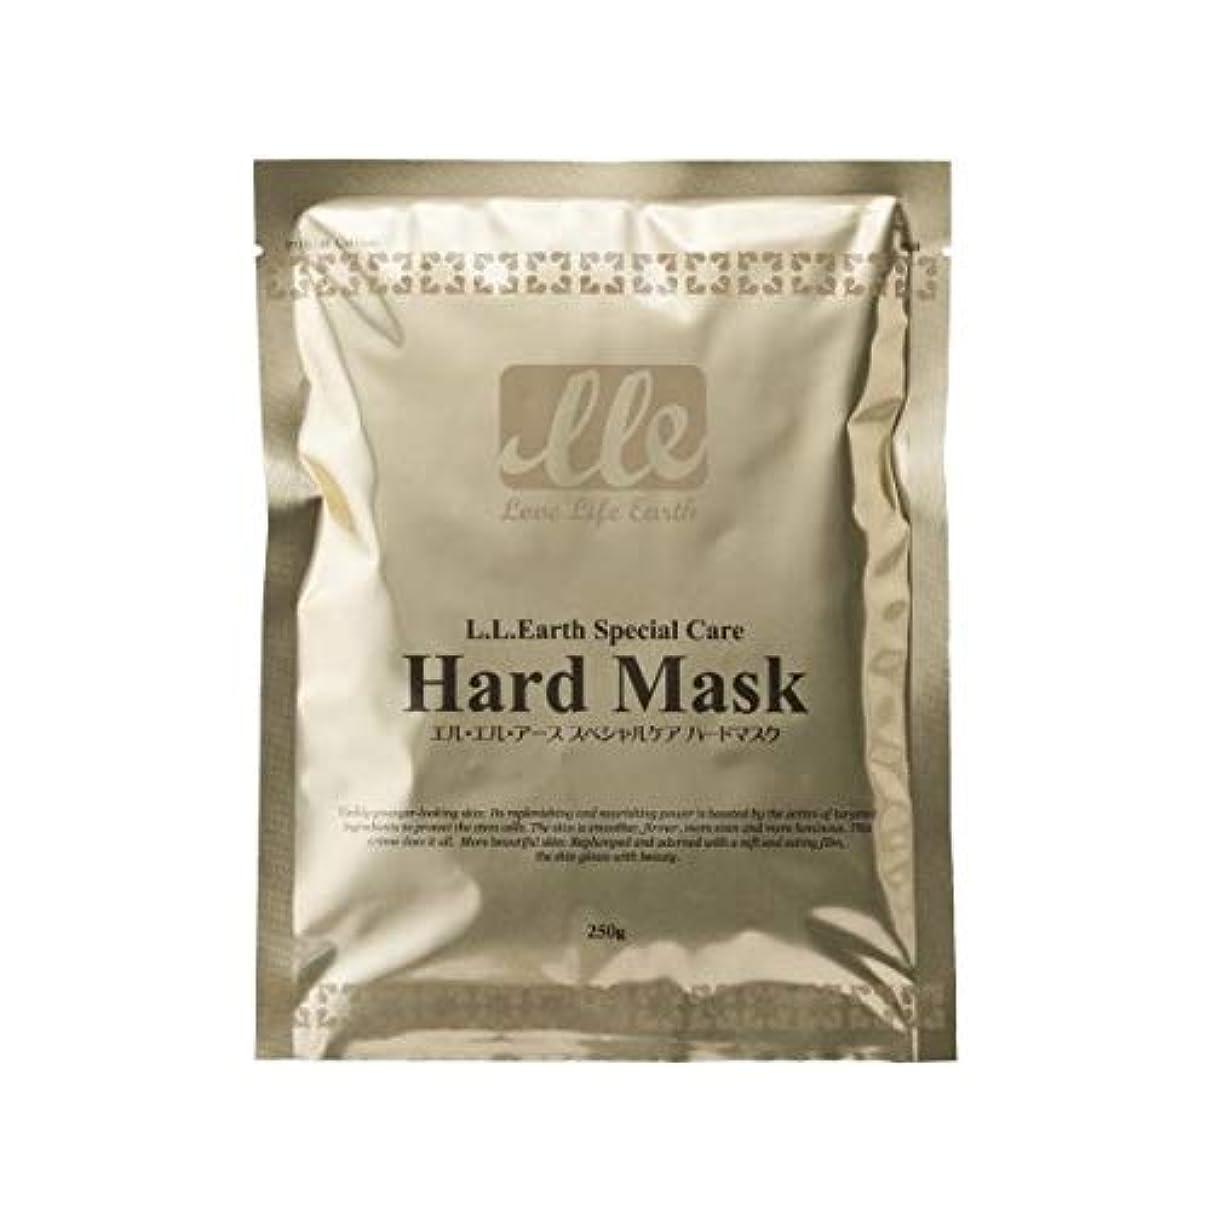 ミニ有効な南極LLE ハードマスク 業務用 250g×5 石膏パック フェイスパック パック エステ用品